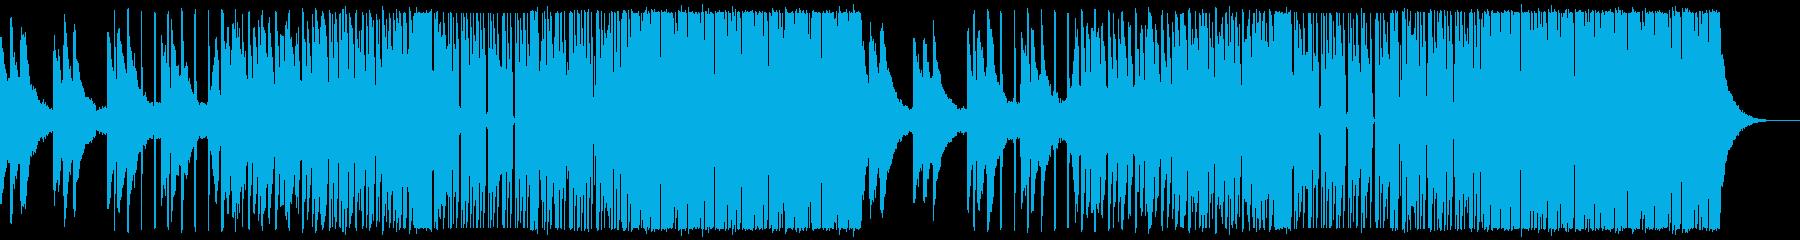 疾走感のあるワークアウトEDMの再生済みの波形